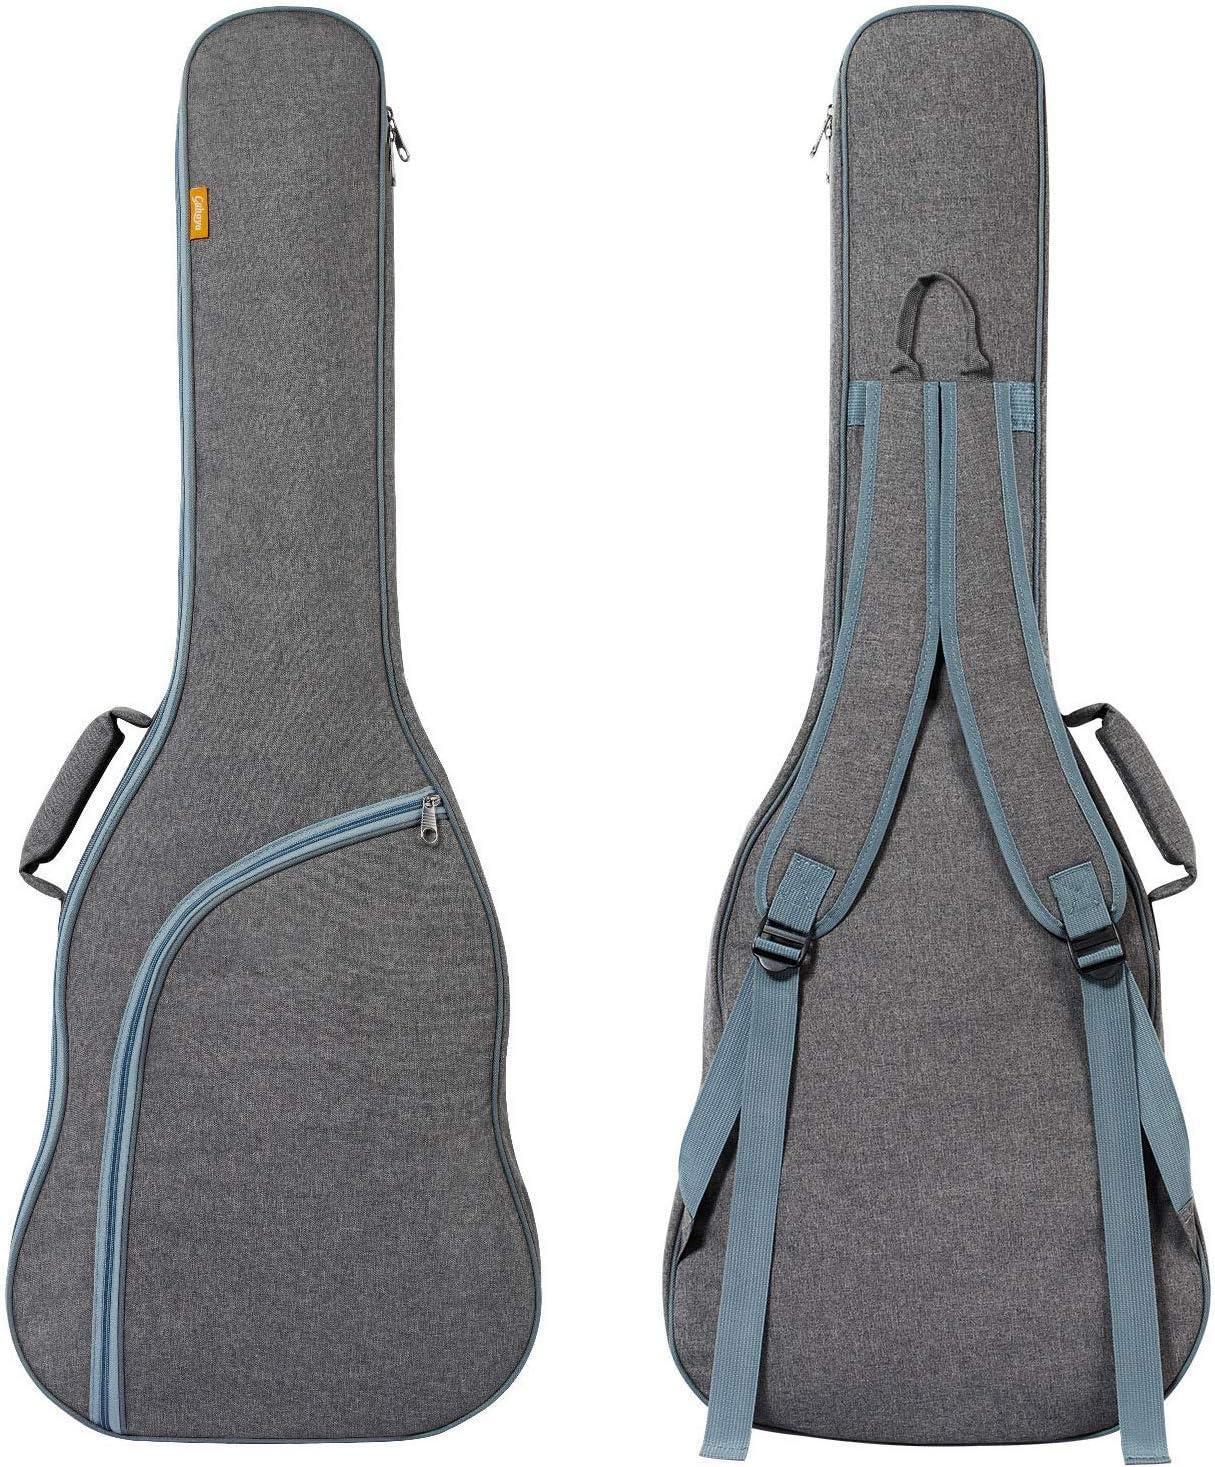 Amazon.com: CAHAYA Electric Guitar Bag Padded Electric Guitar Gig ...